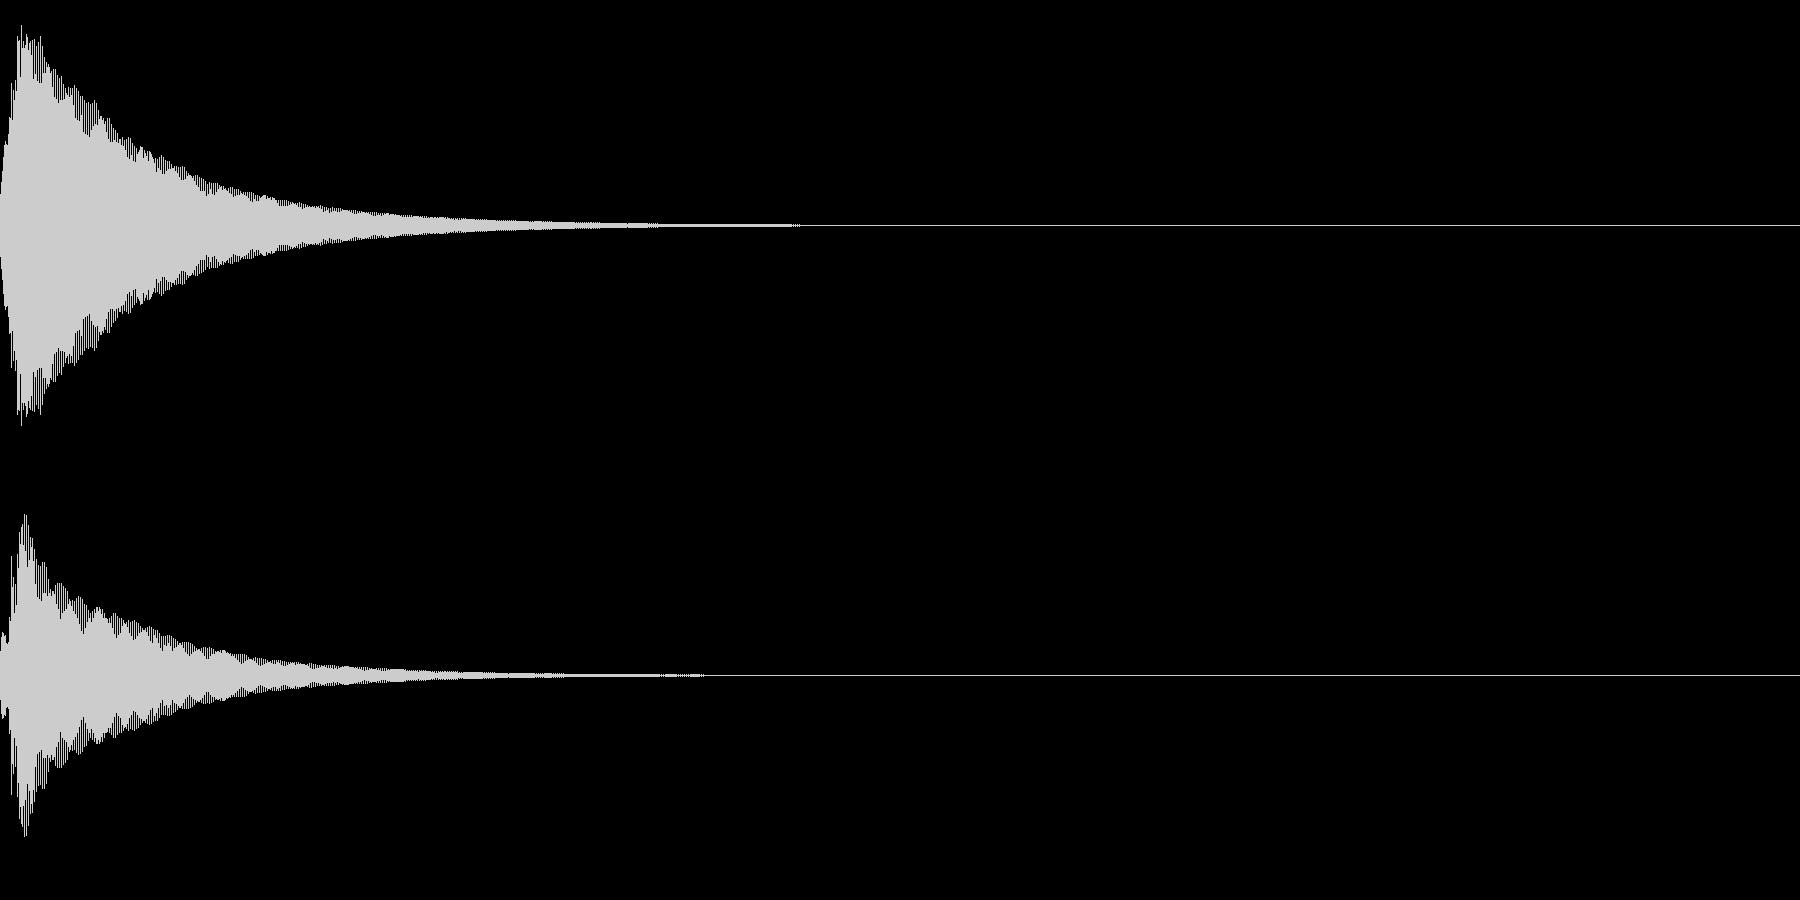 決定 セレクト (上昇音)15の未再生の波形